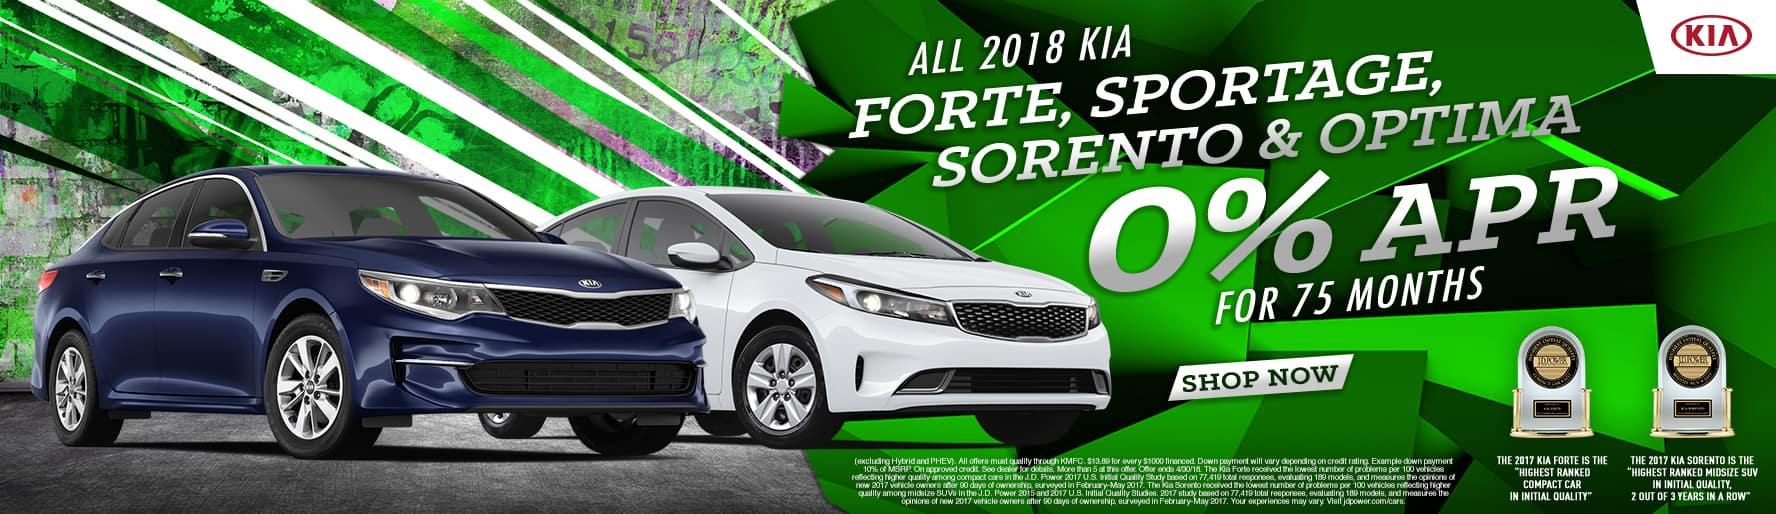 2018-kia-forte-sportage-sorento-optima-for-sale